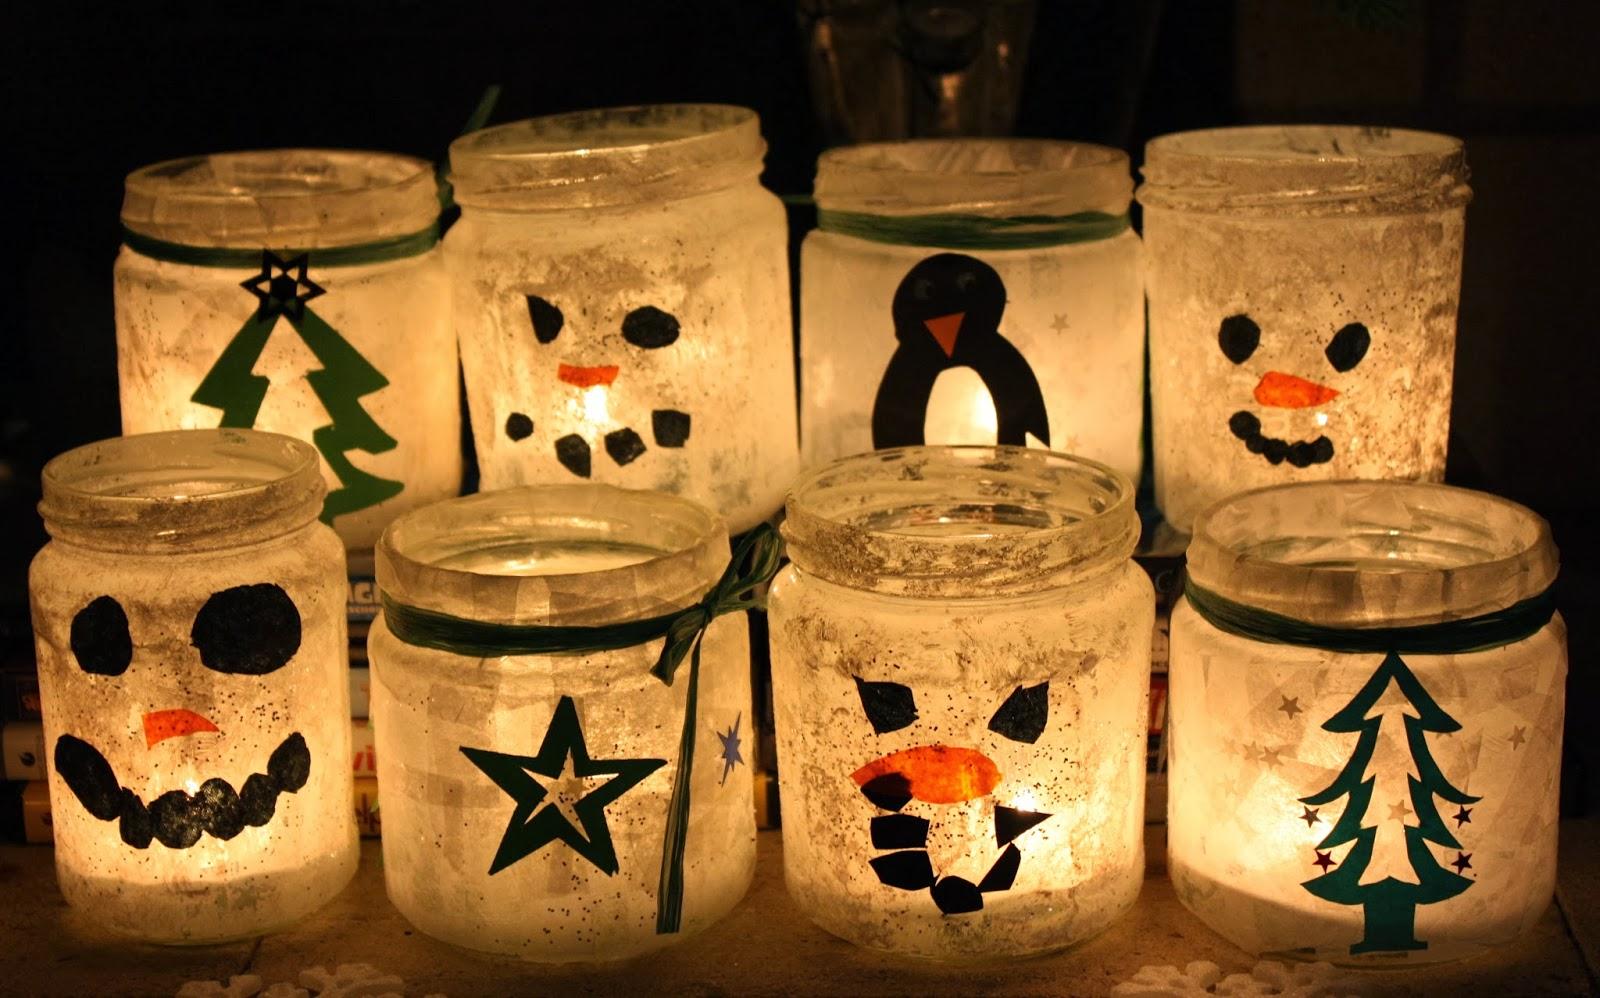 Basteln Weihnachtsgeschenke Weihnachtsgeschenke Selbermachen